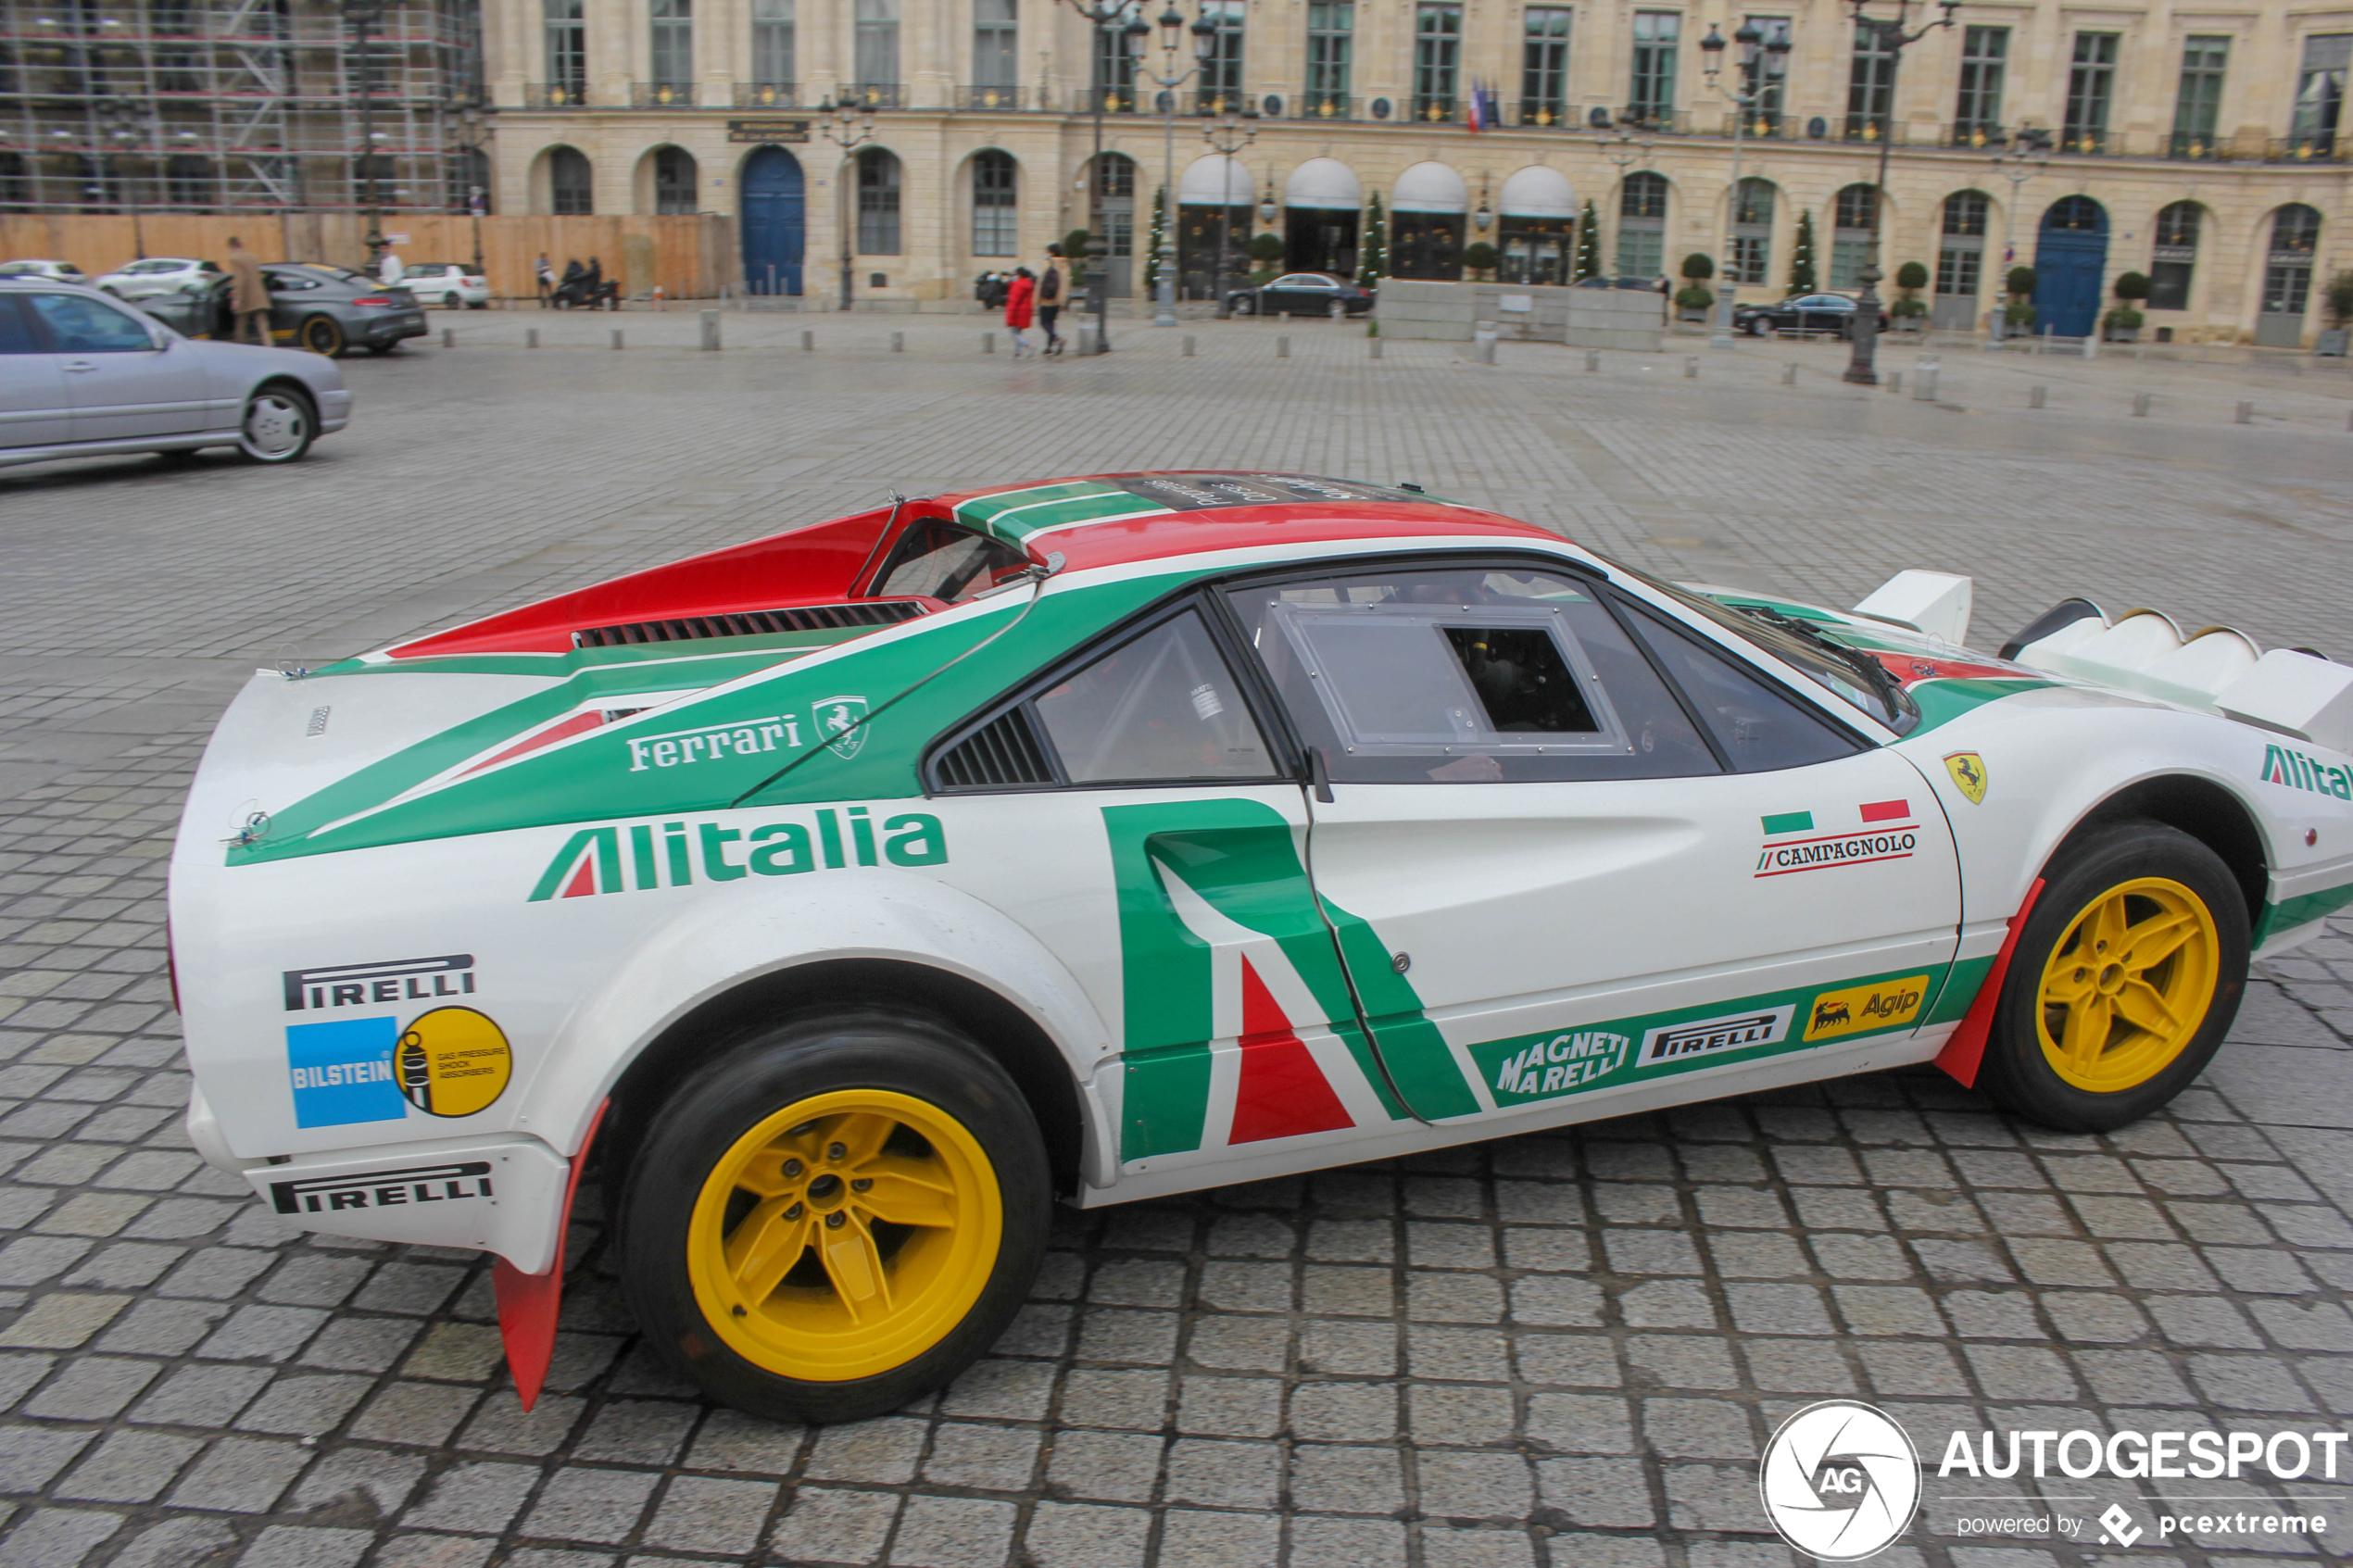 Dit is een Ferrari met een goede staat van dienst